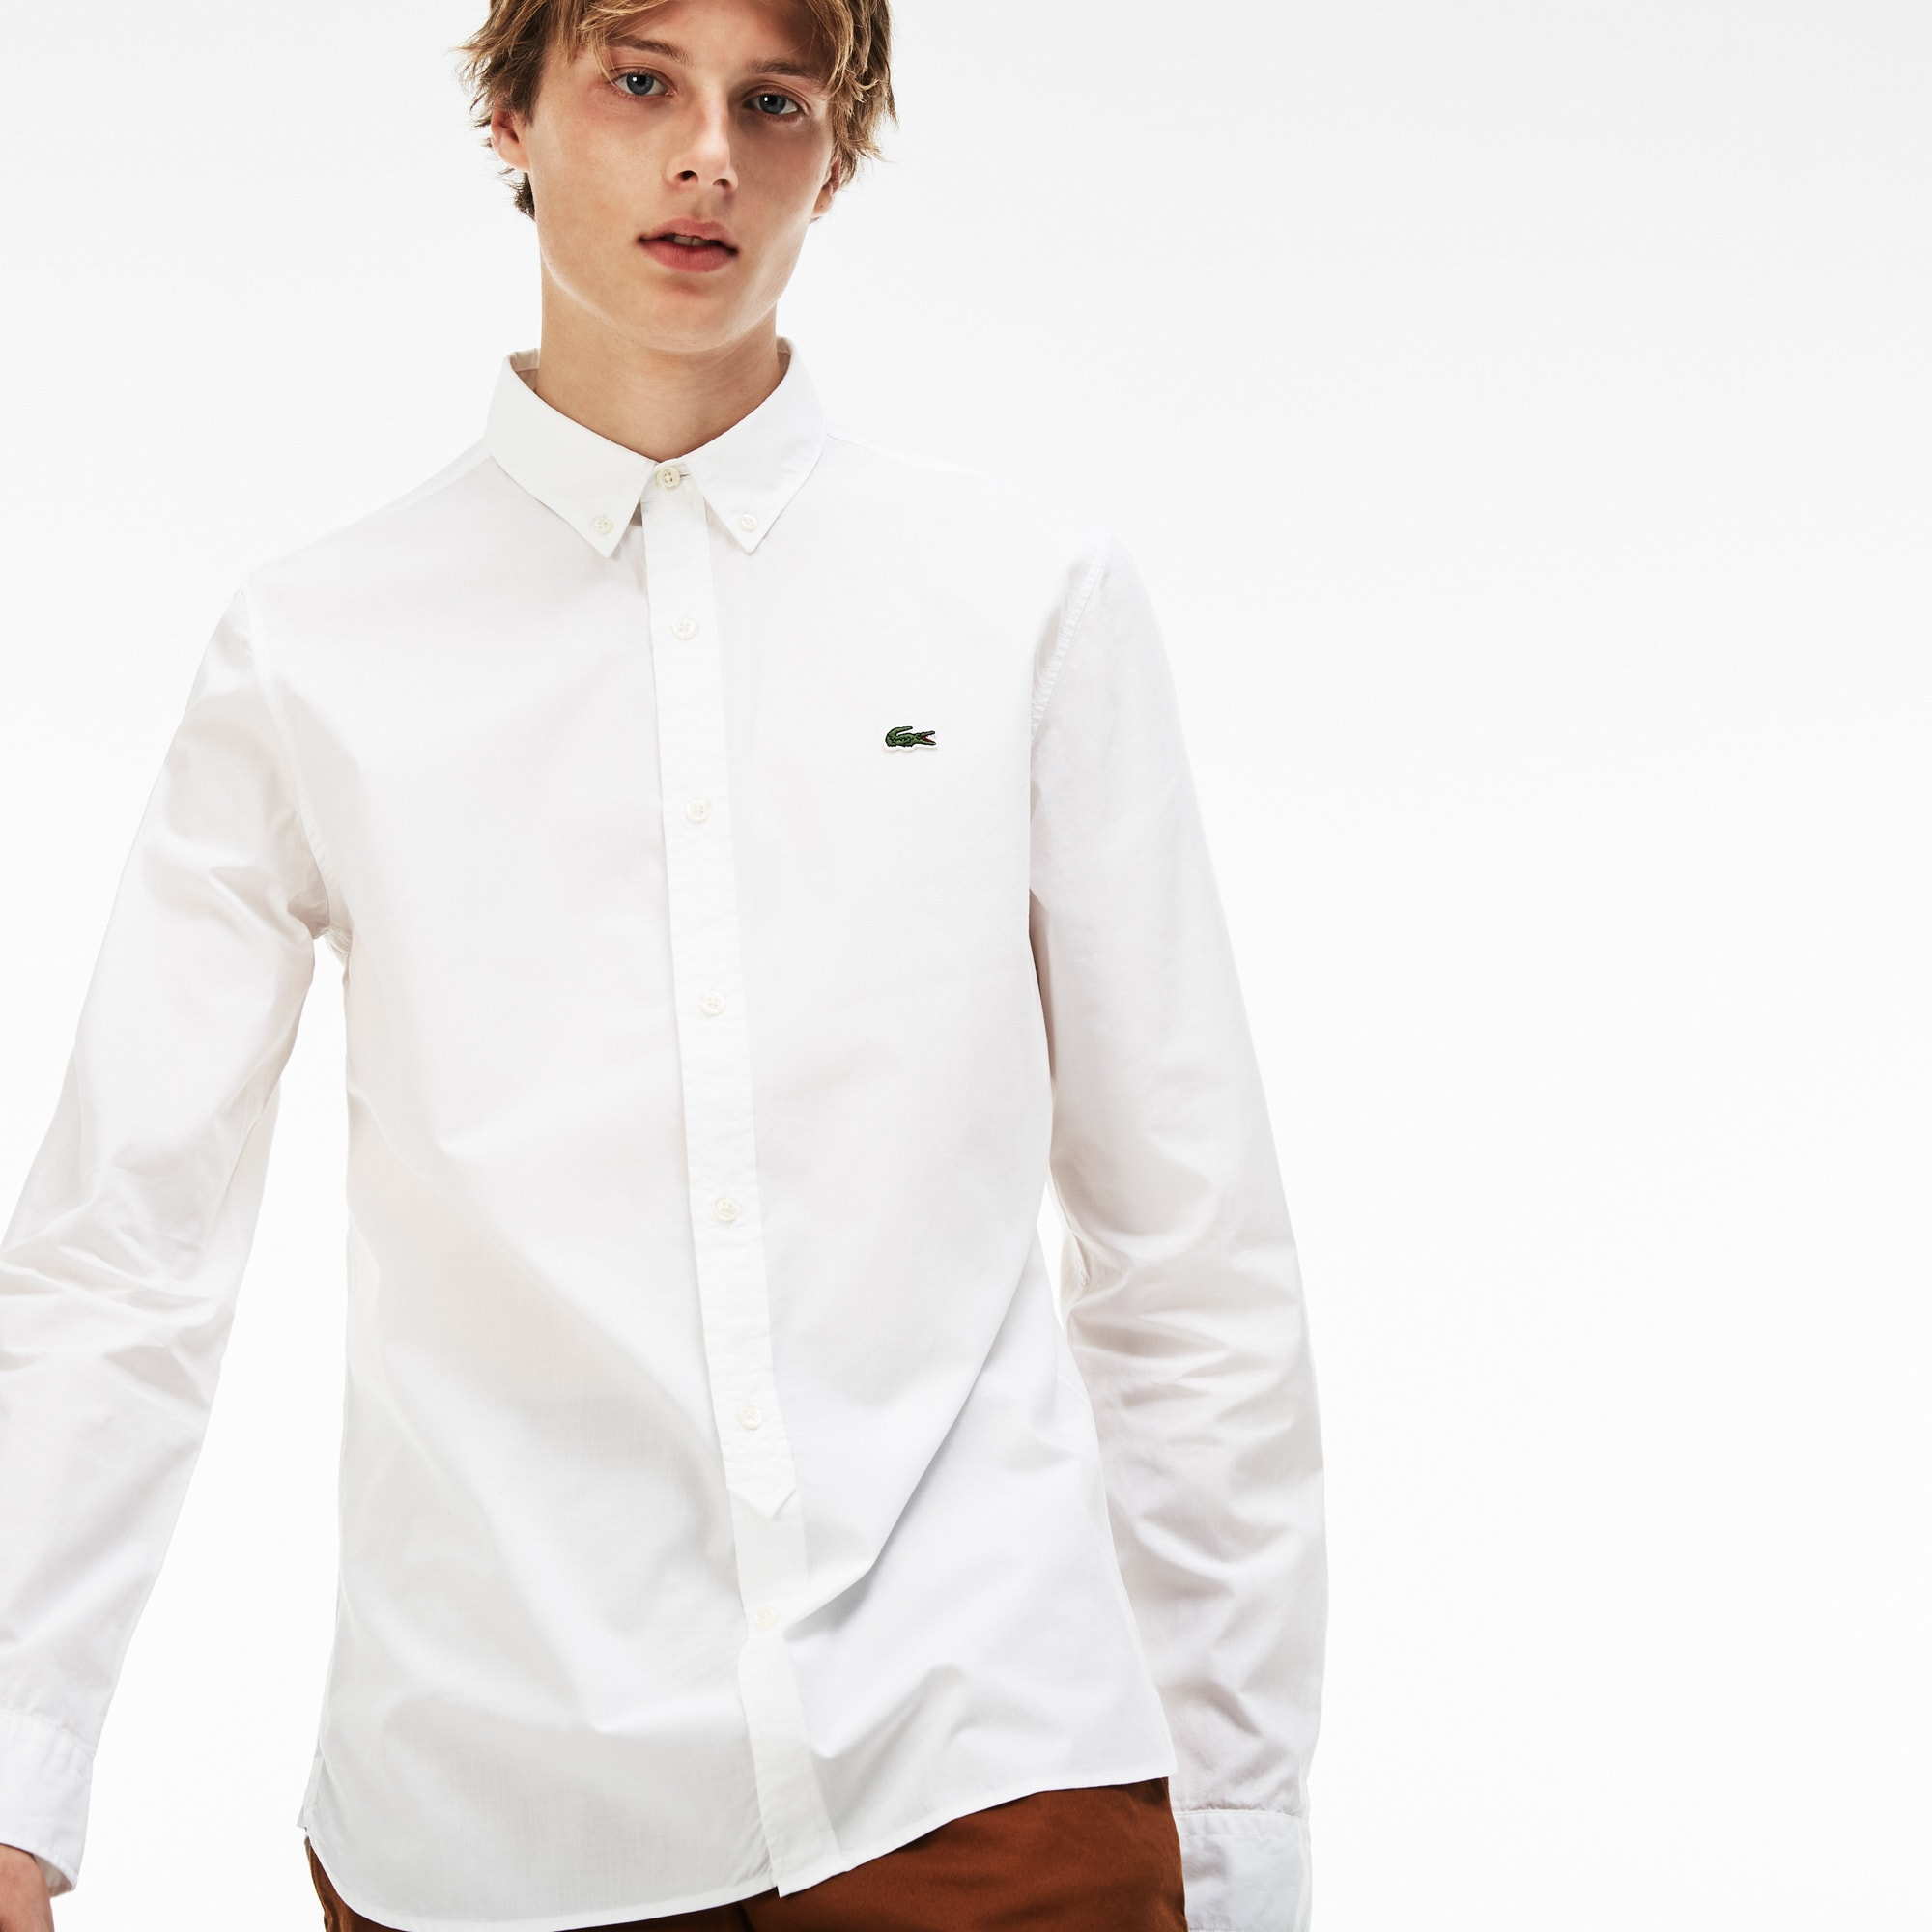 Men's Lacoste LIVE Slim Fit Cotton Poplin Shirt